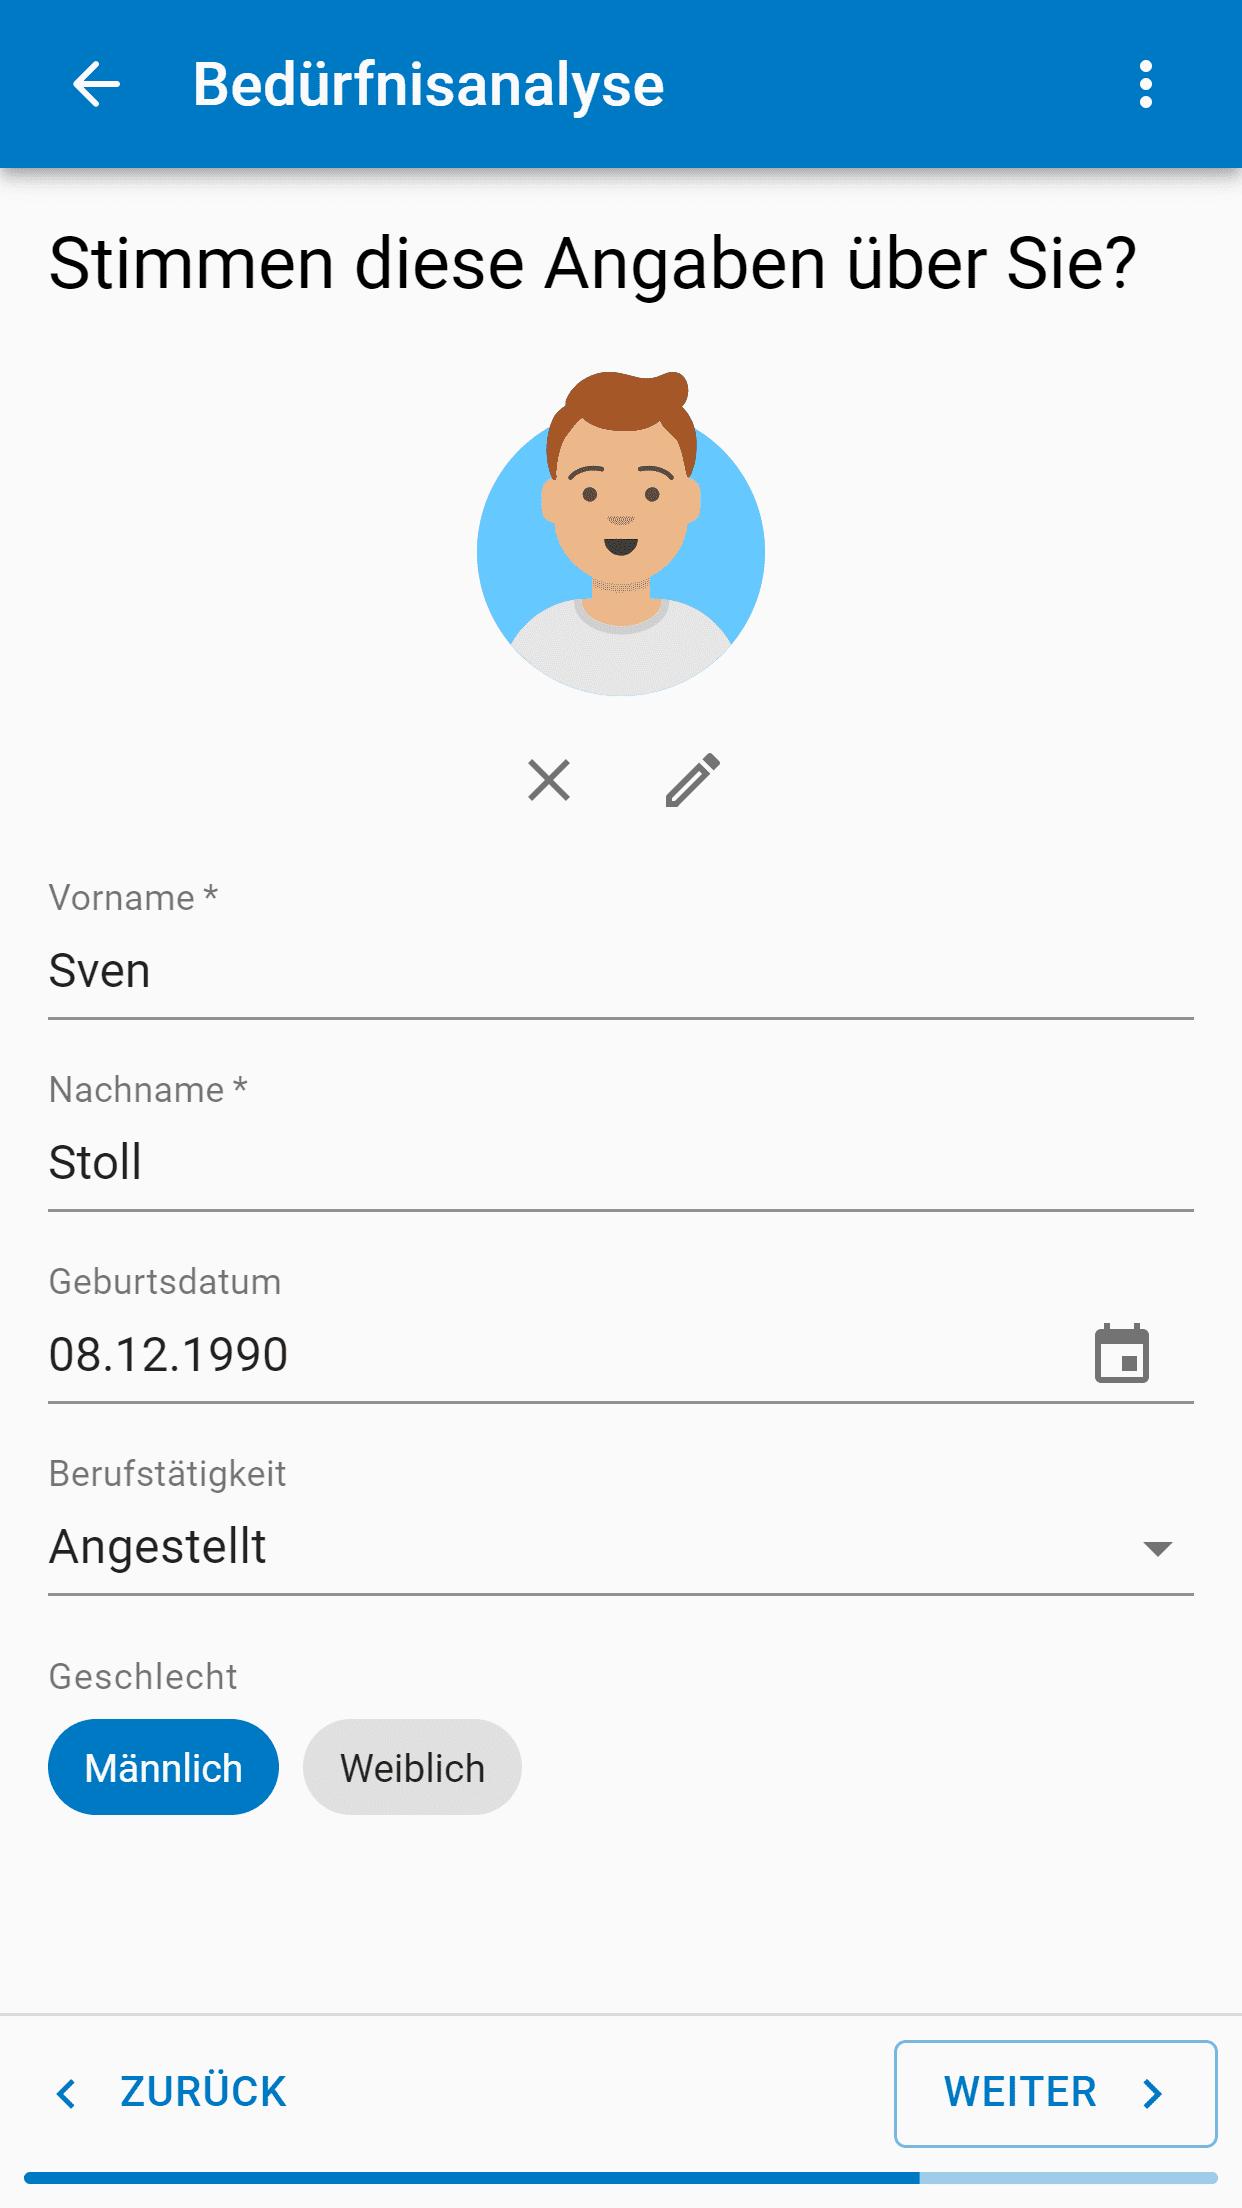 Zeigt eine Maske zum Erfassen und Bestätigen von Vorname, Name, Geburtsdatum etc.